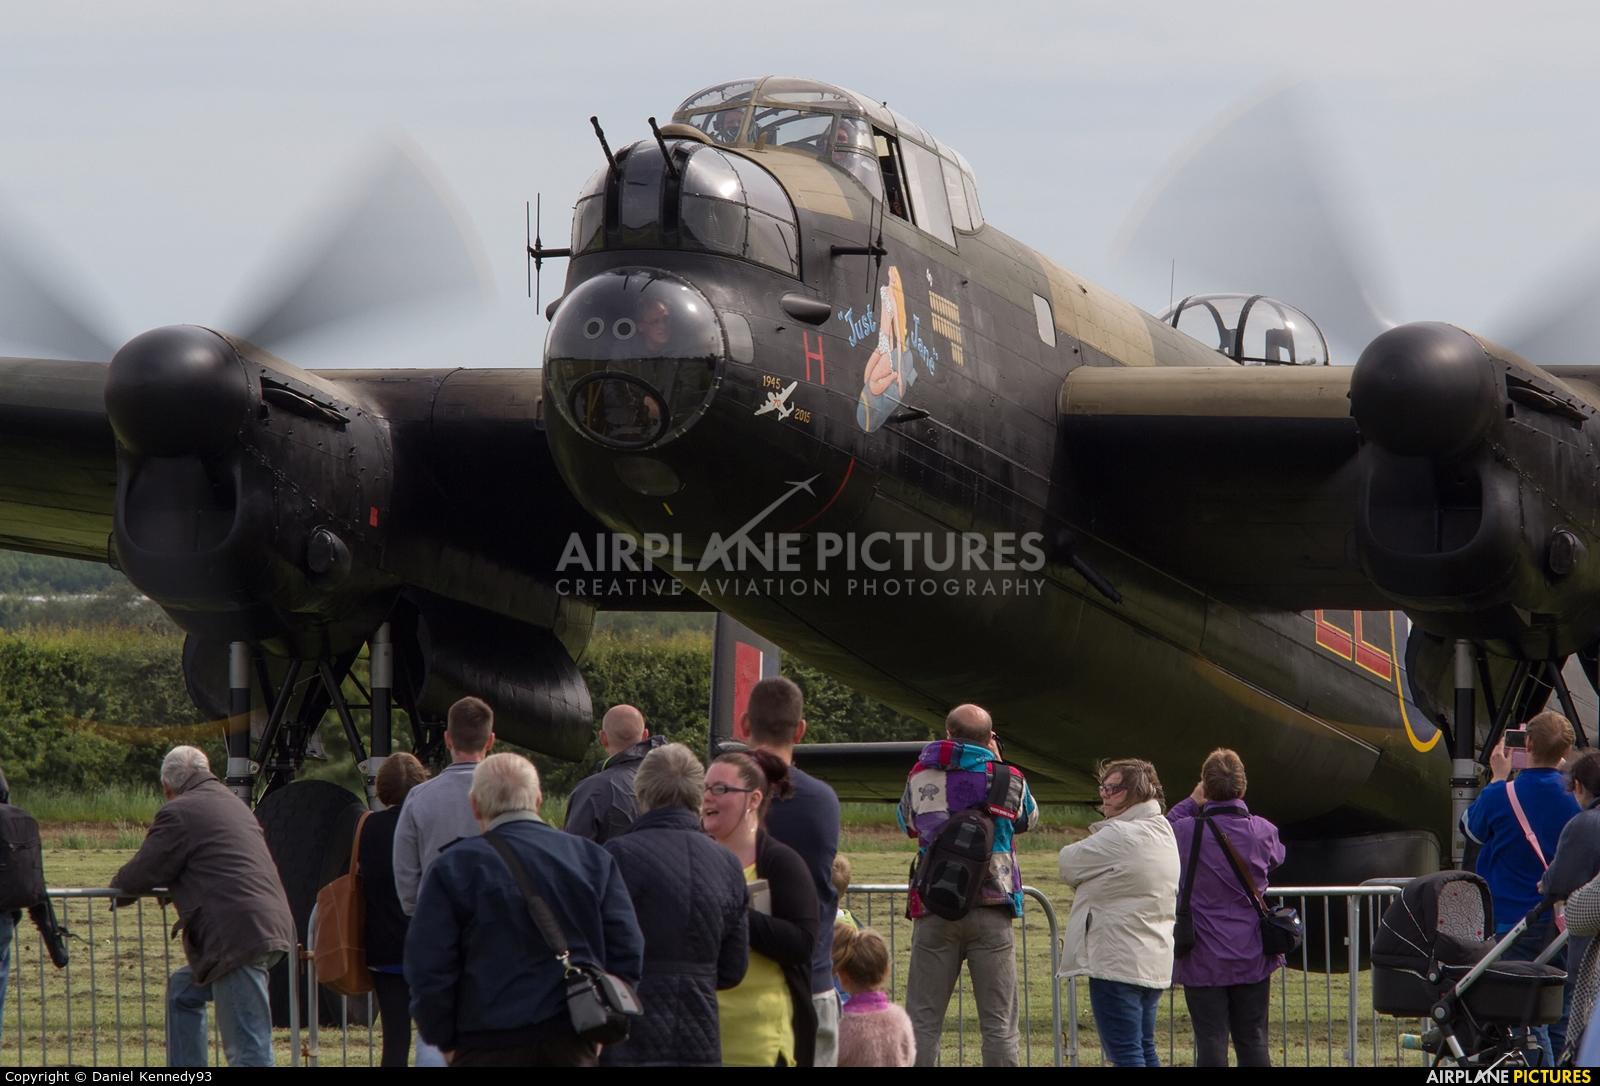 Royal Air Force NX611 aircraft at East Kirkby